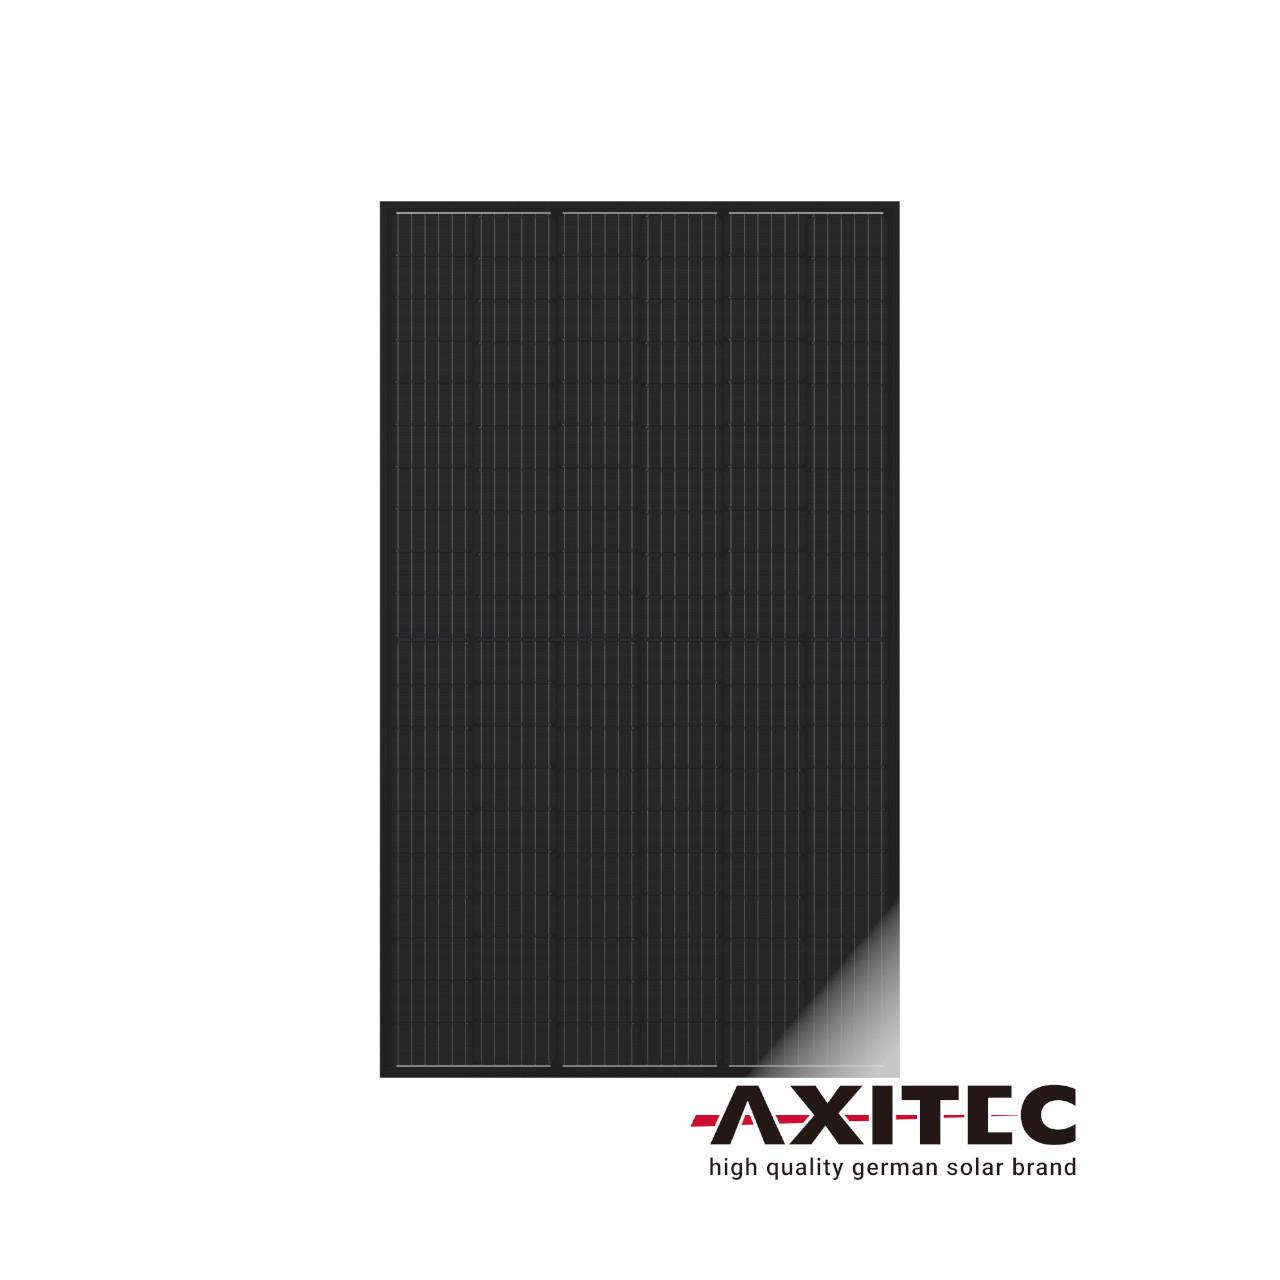 Axitec - AXIblackpremium X HC 330W